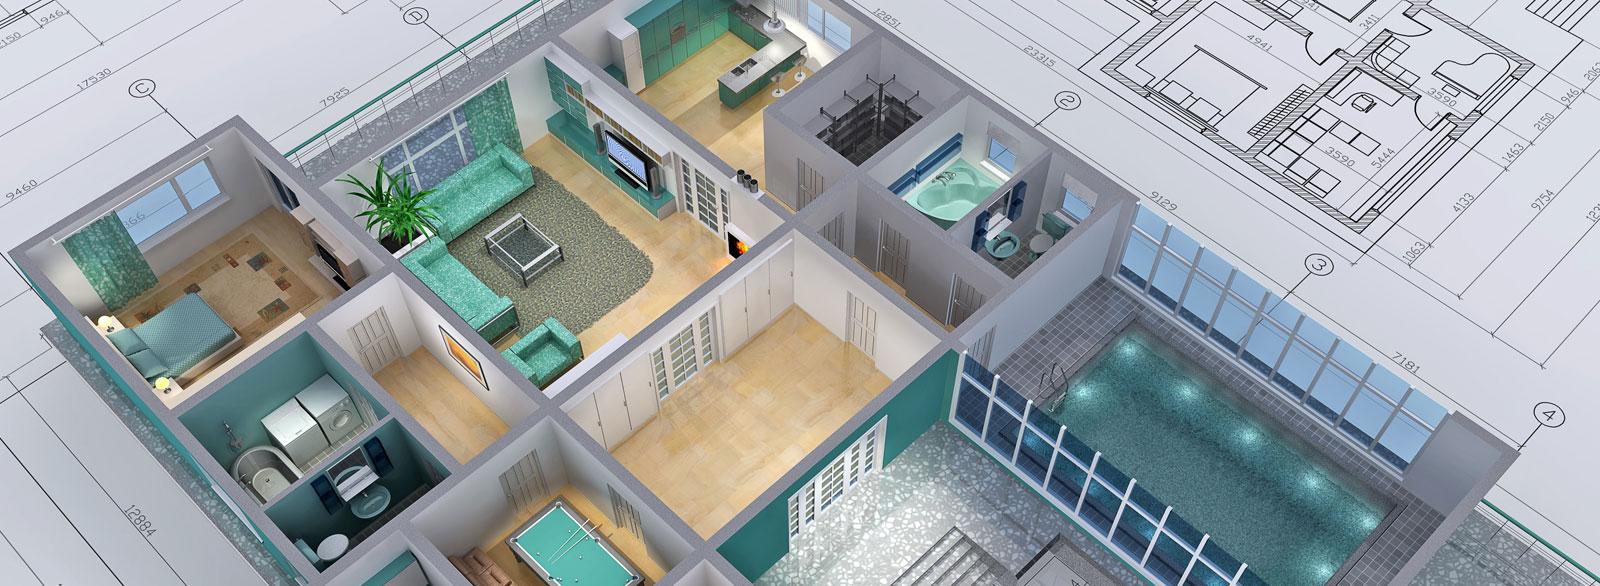 Gesti n de proyectos dise o de interiores dsigno for Diseno virtual de interiores